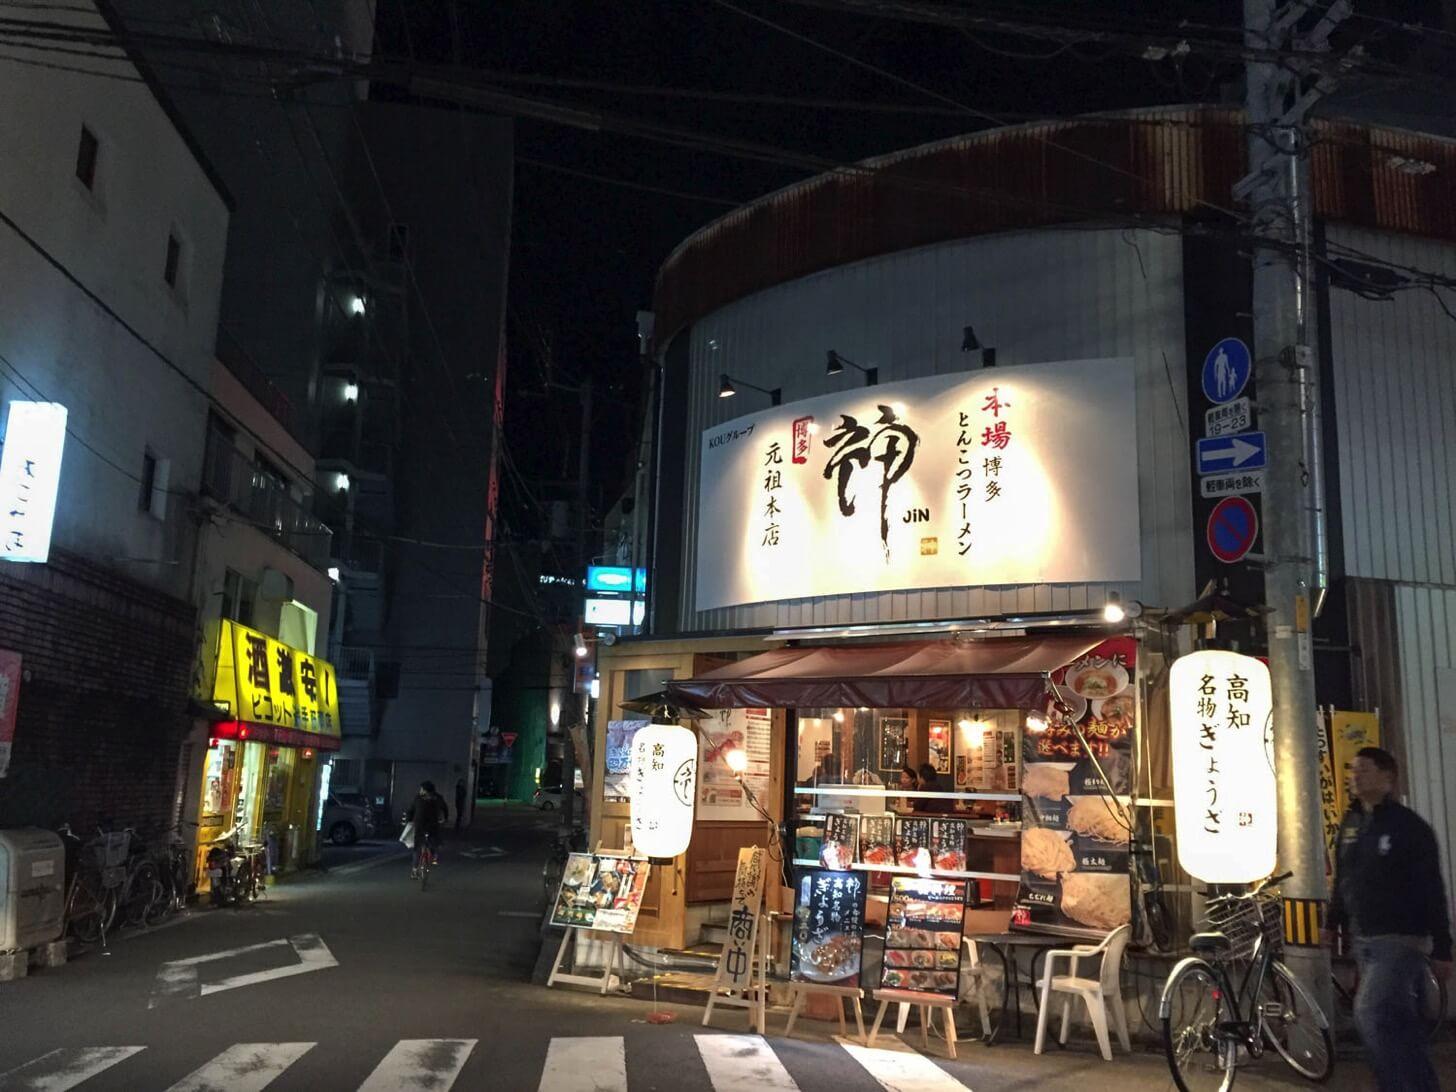 kochi-ramen-jin2